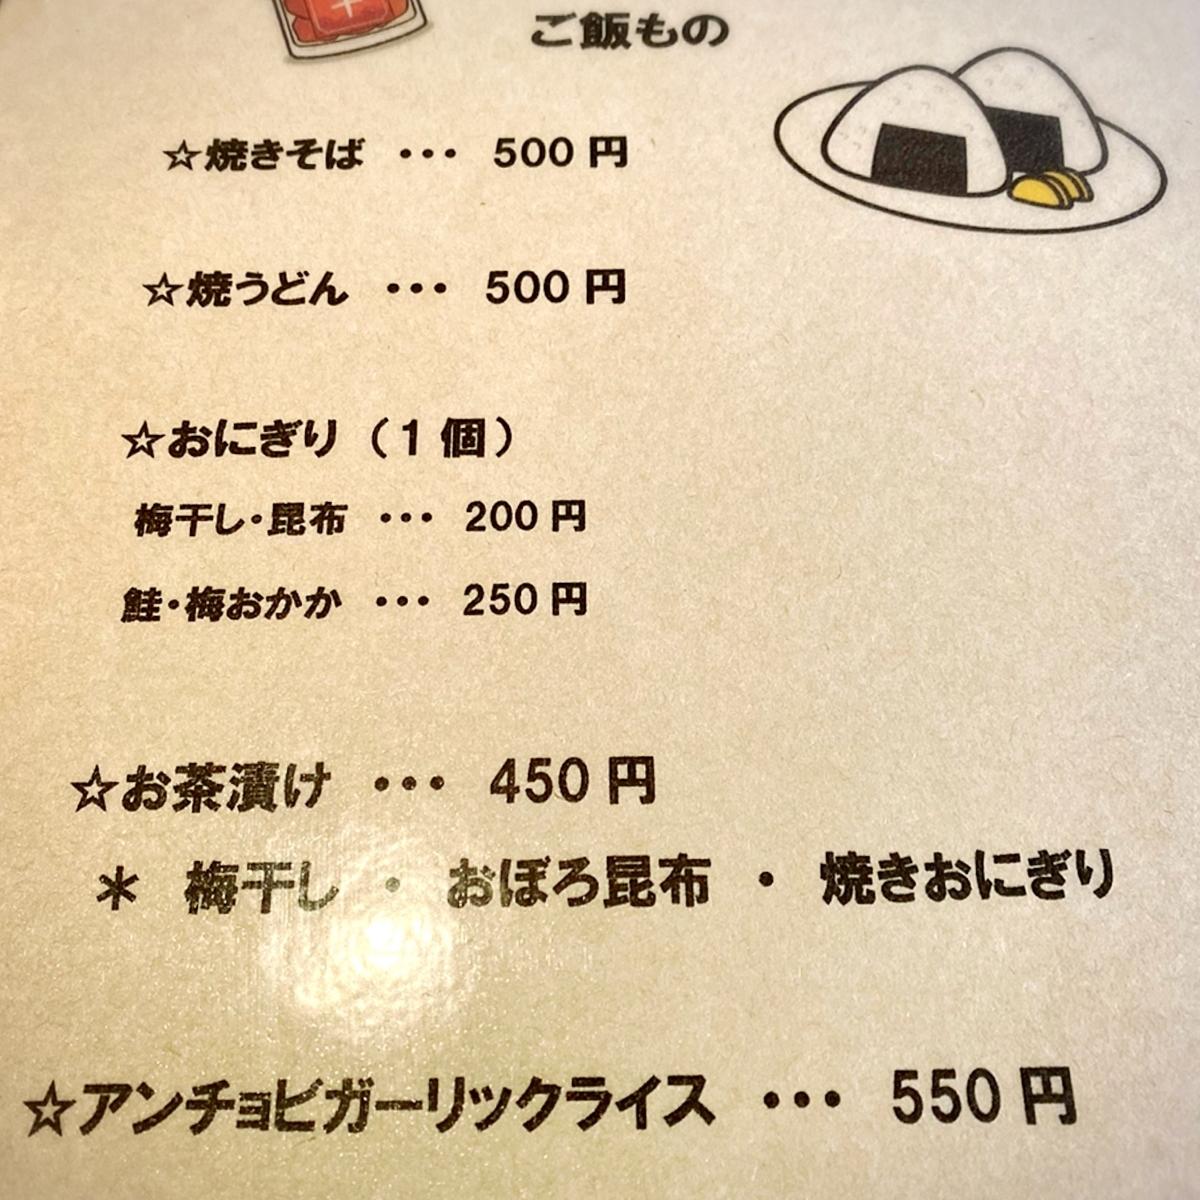 「御菜屋 紅青椒(パプリカ)」のメニューと値段8